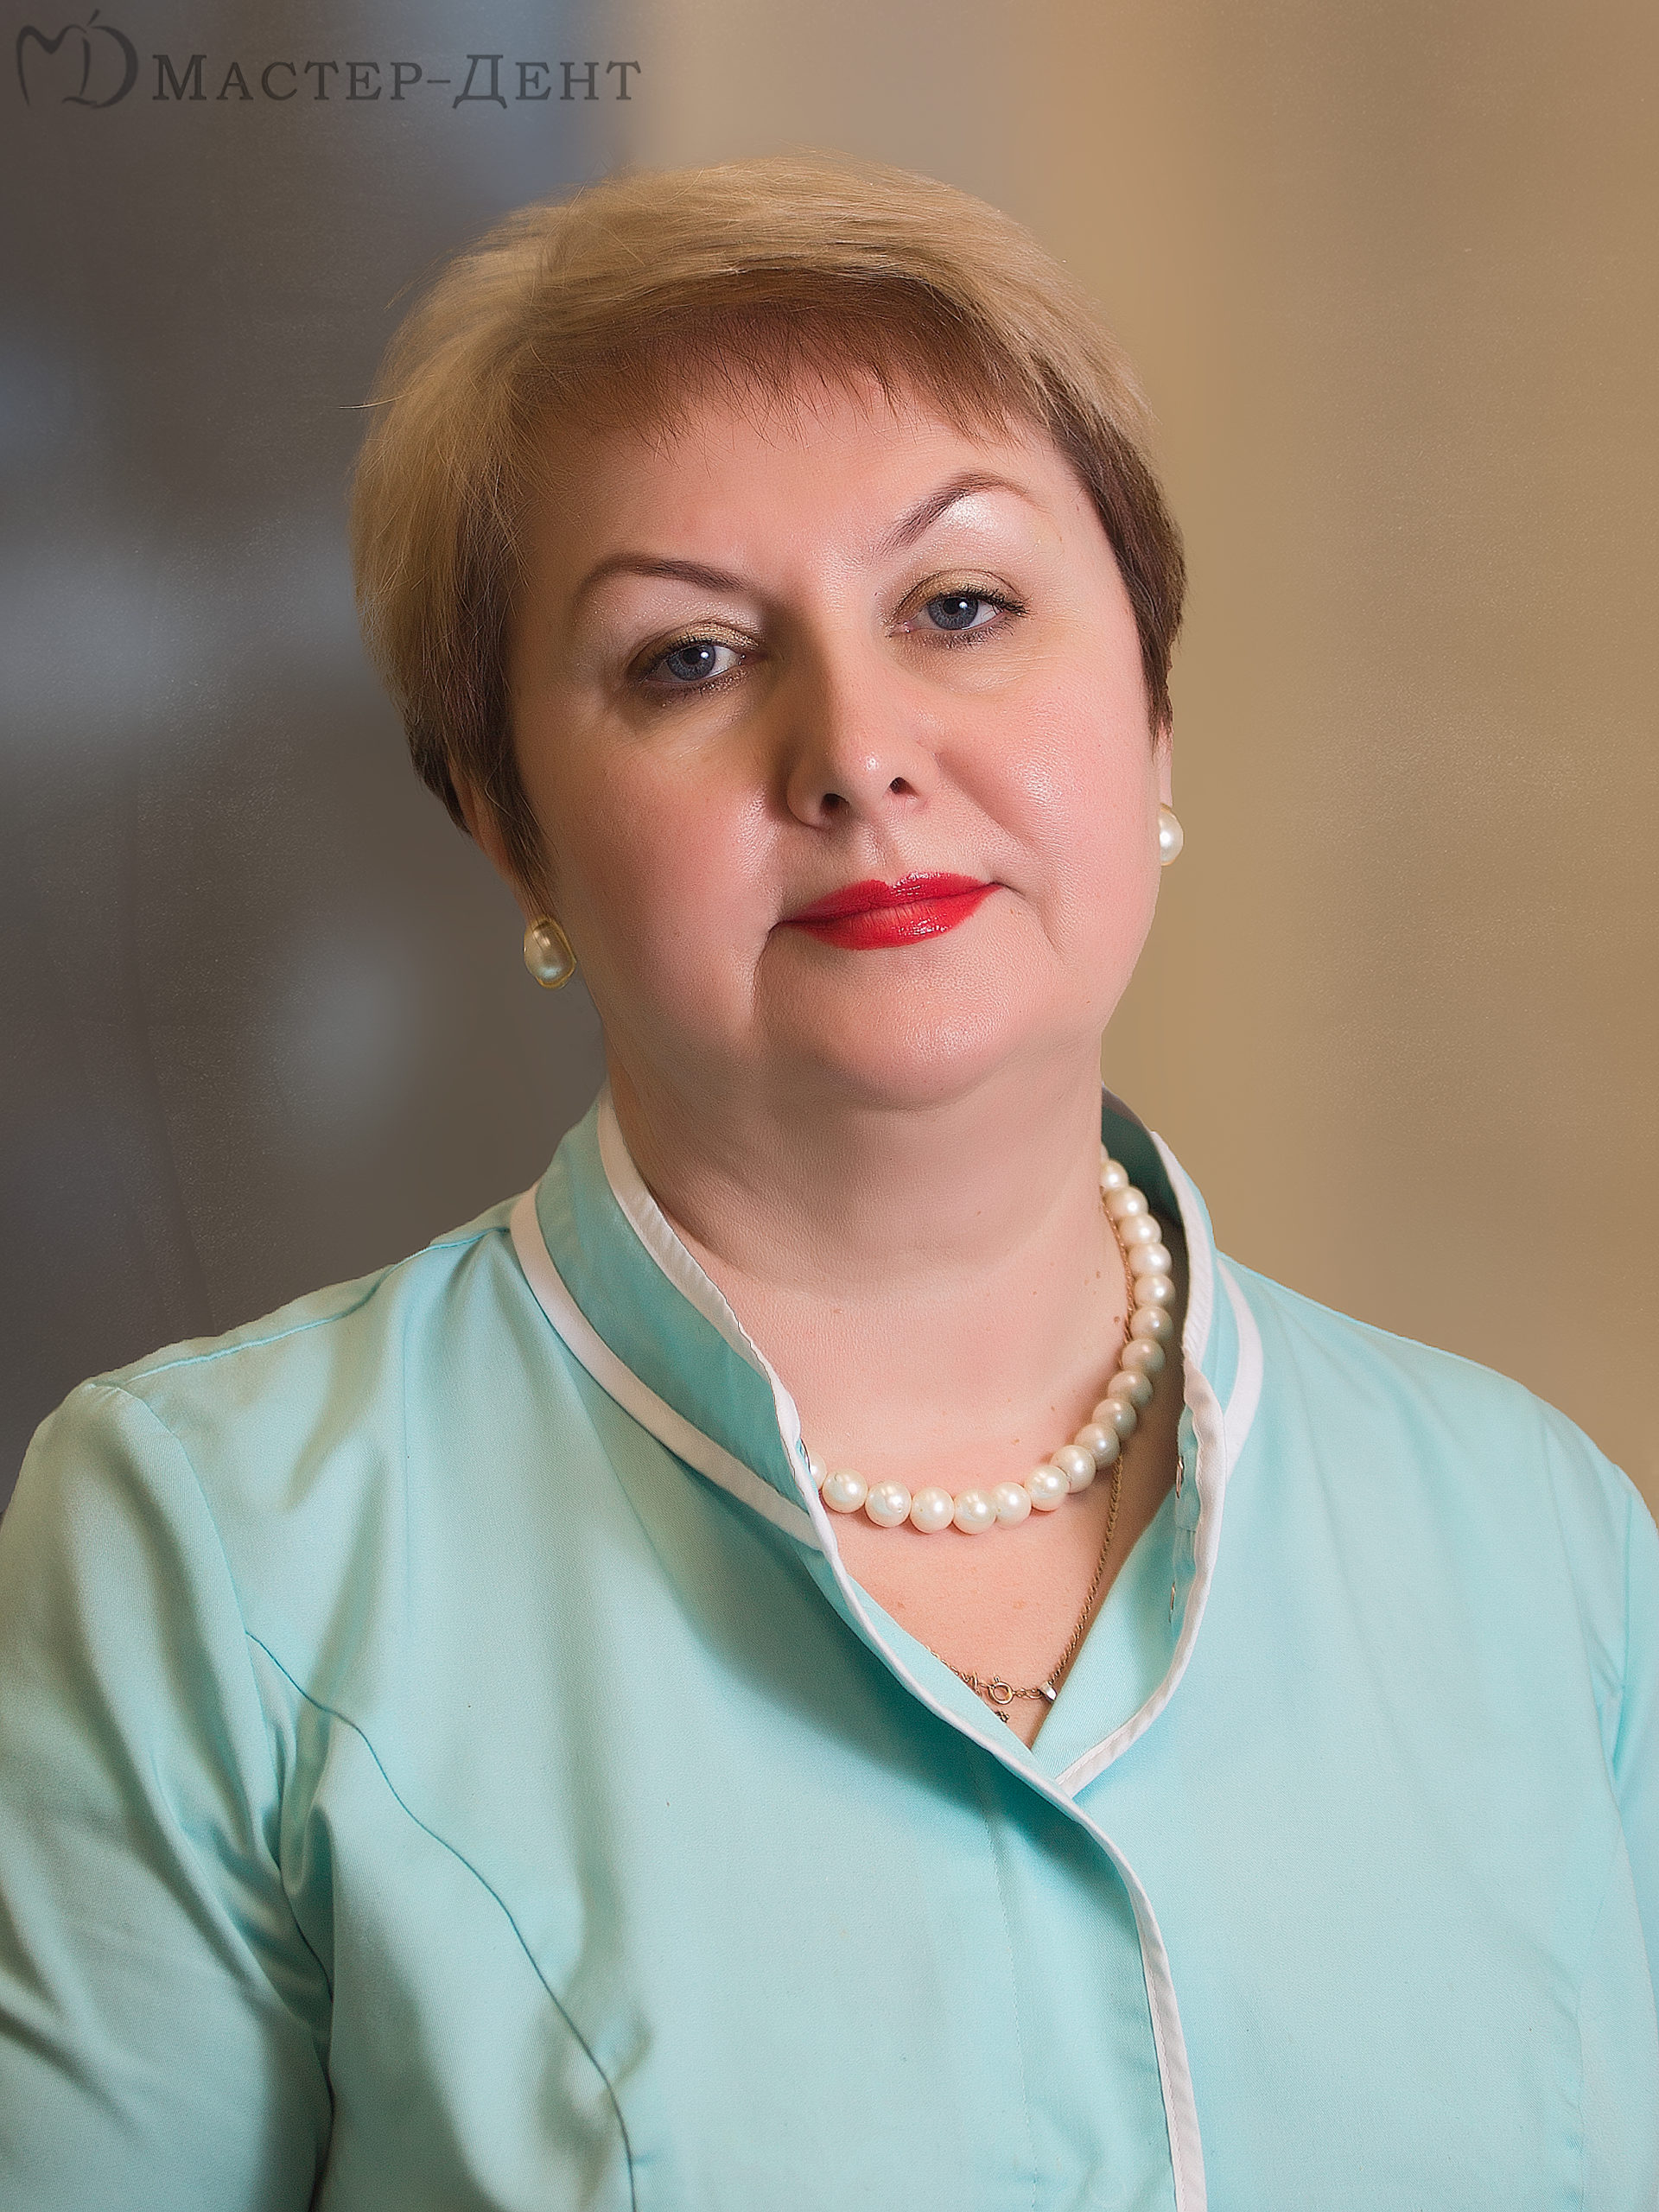 Соловьева Ирина Андреевна